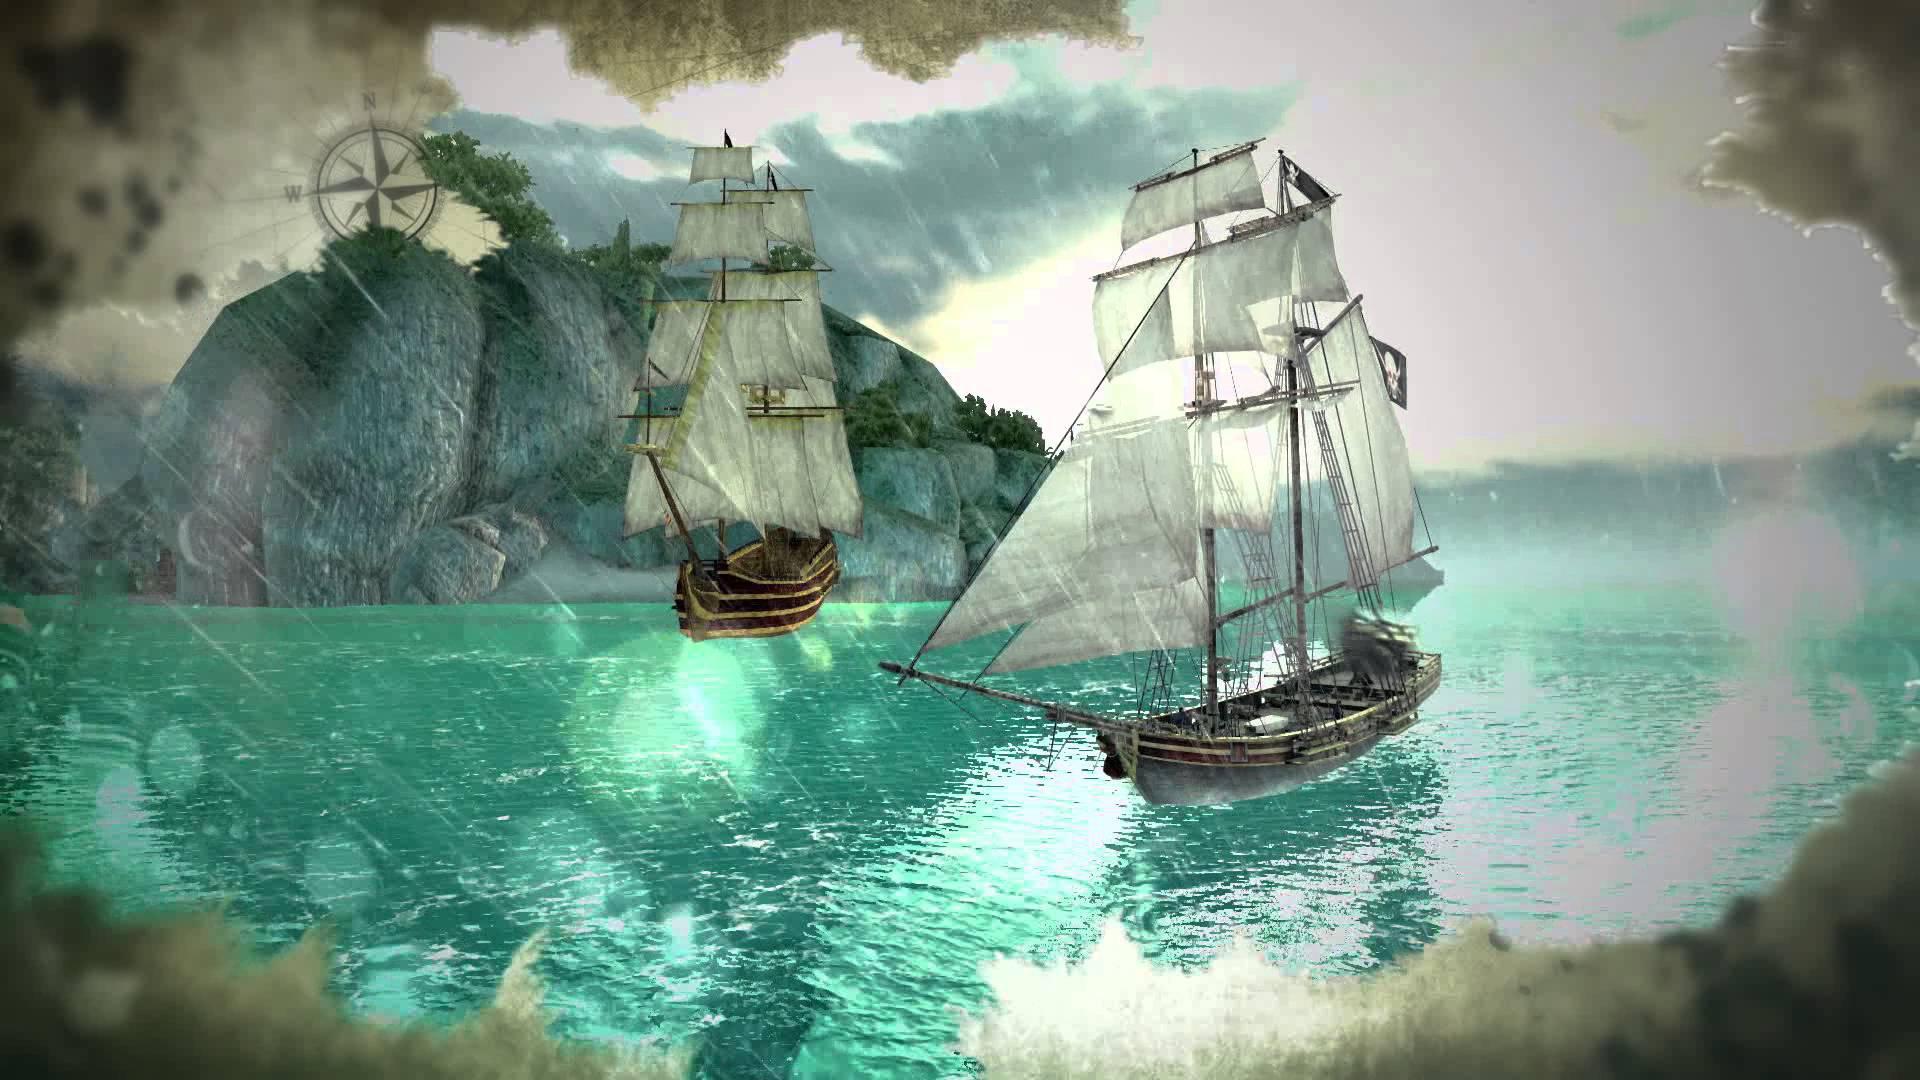 Assassin's Creed Pirates primește trailer pentru luptele navale